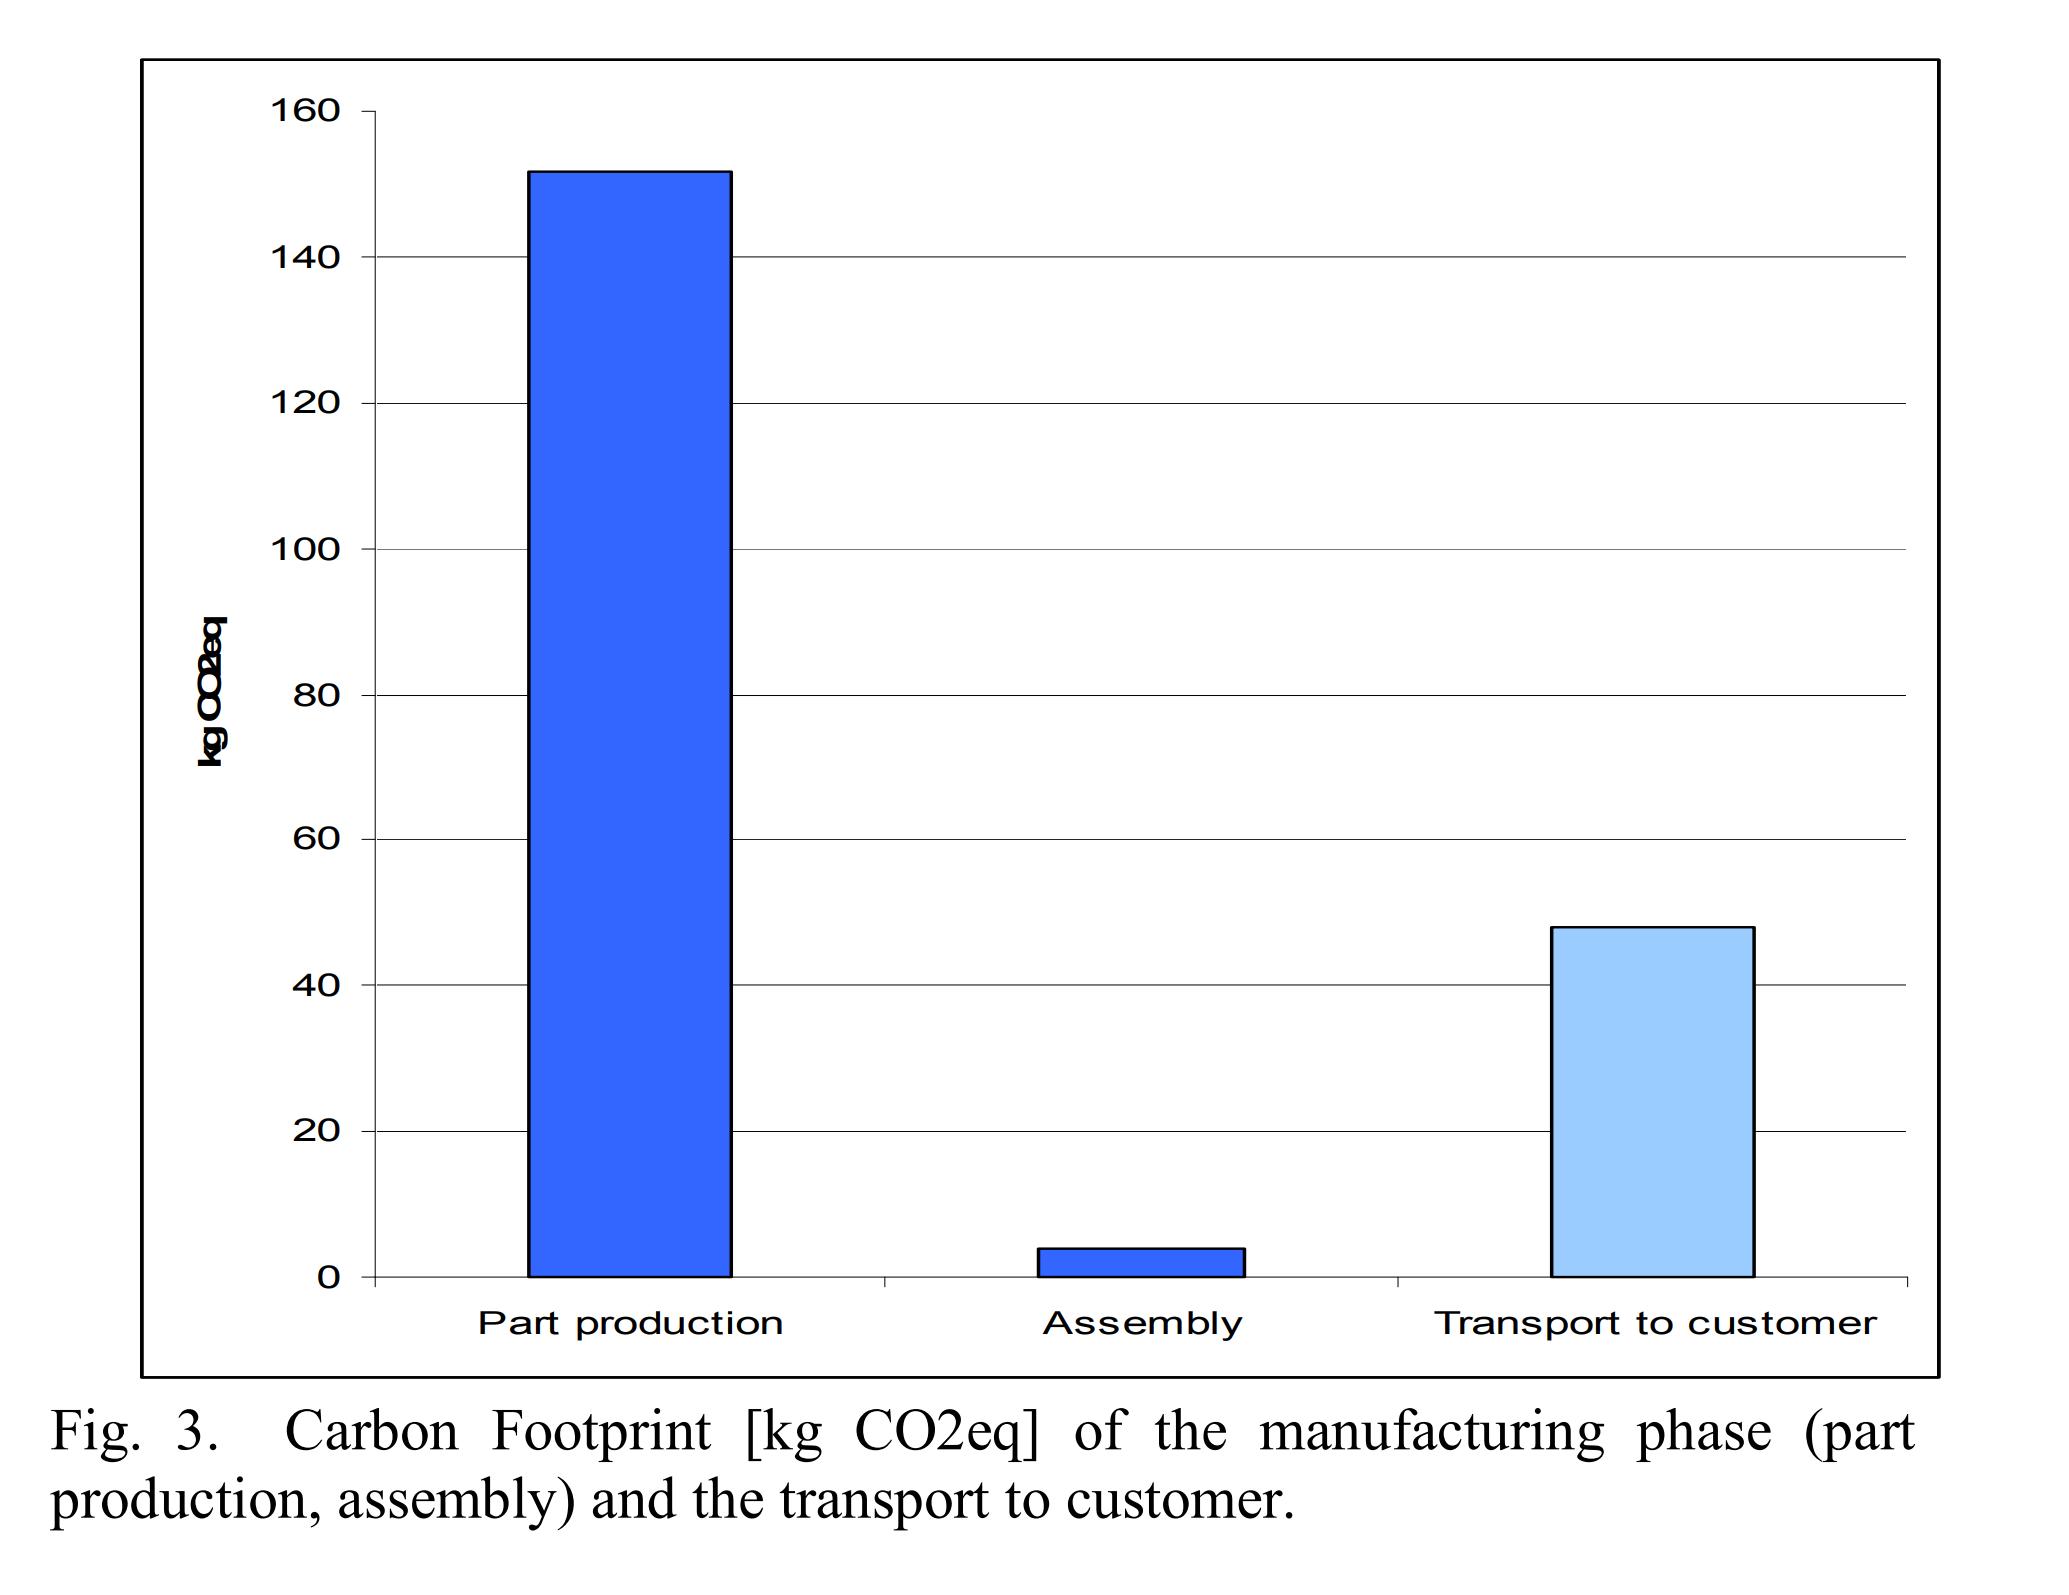 Empreinte carbone de la production assemblage et transport d'un ordinateur portable